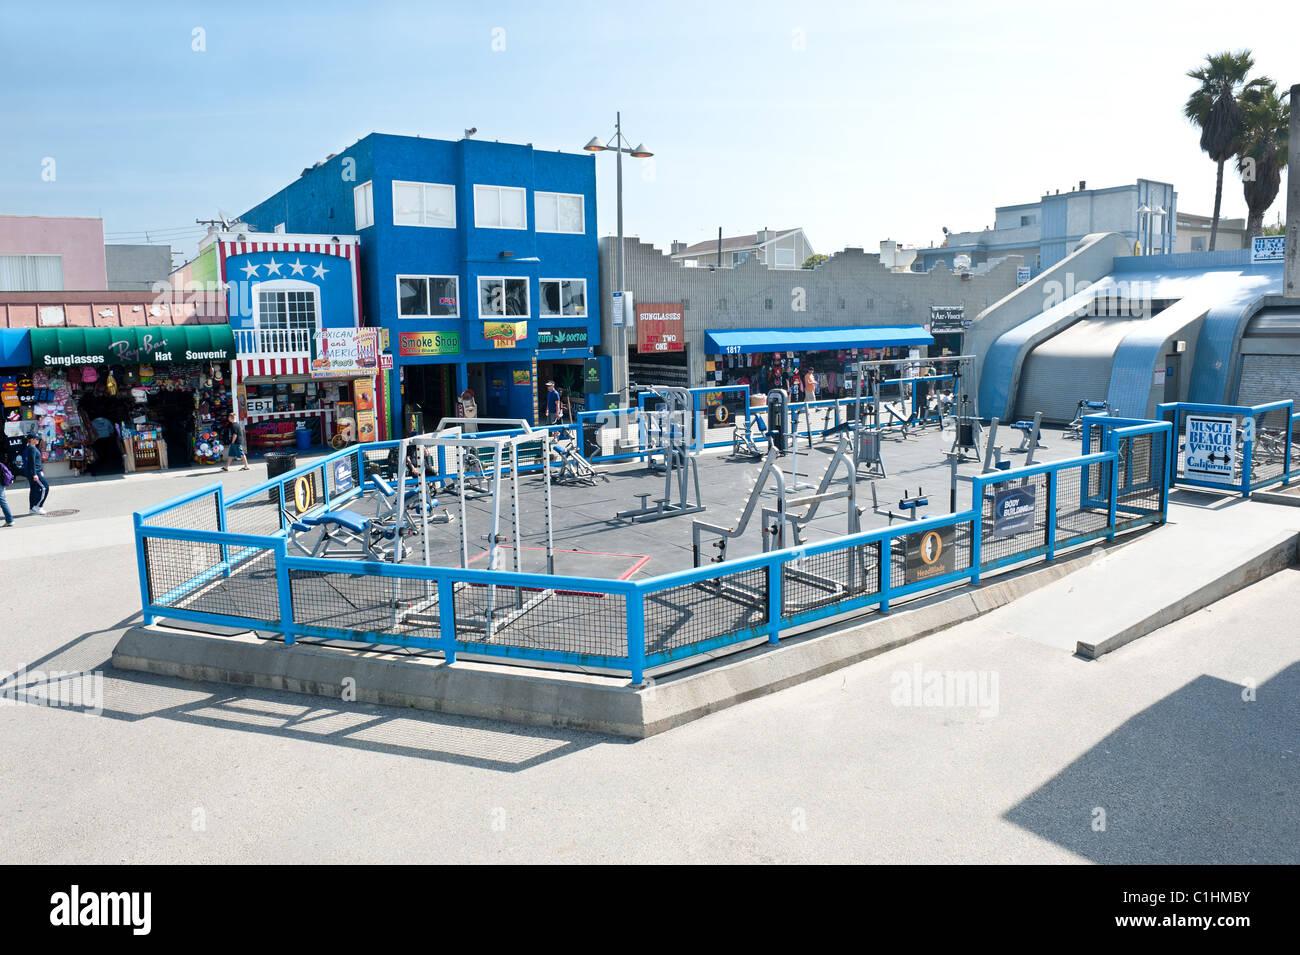 Célèbre Muscle Beach salle de sport, un club de plein air l'haltérophilie, où de nombreux bodybuilders célèbres Banque D'Images